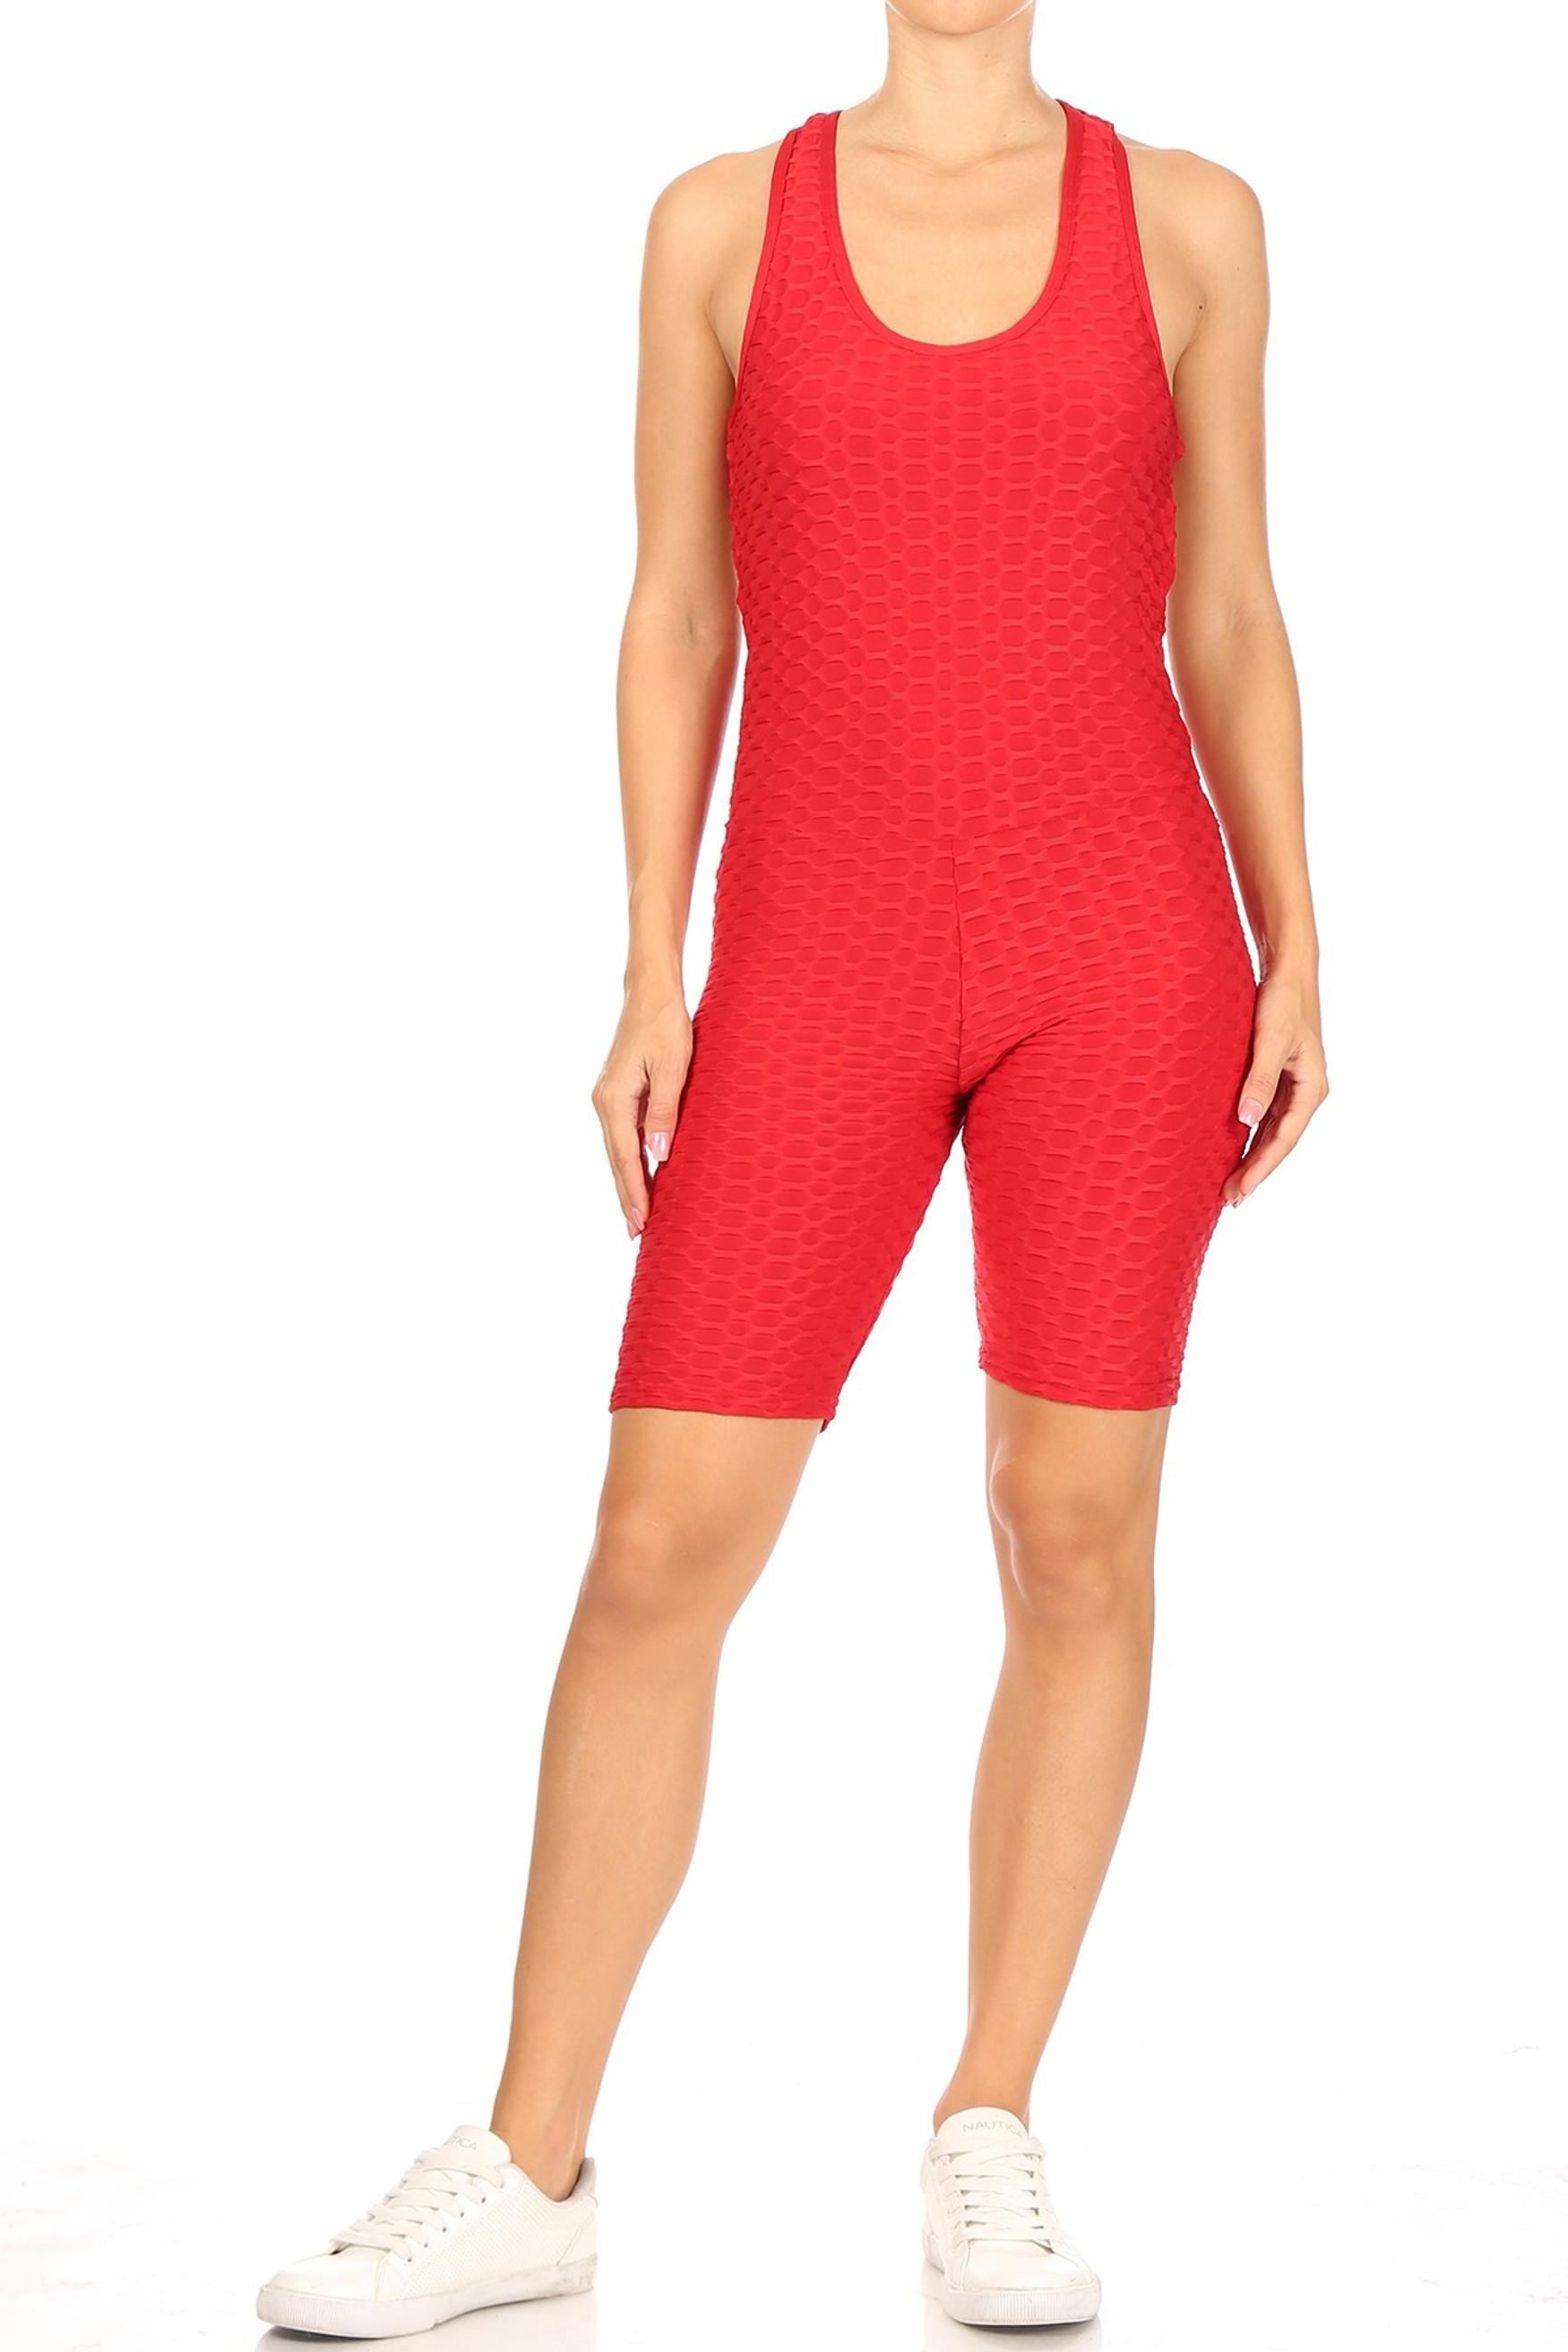 Premium 1 Piece Criss Cross Scrunch Butt Biker Short Bodysuit